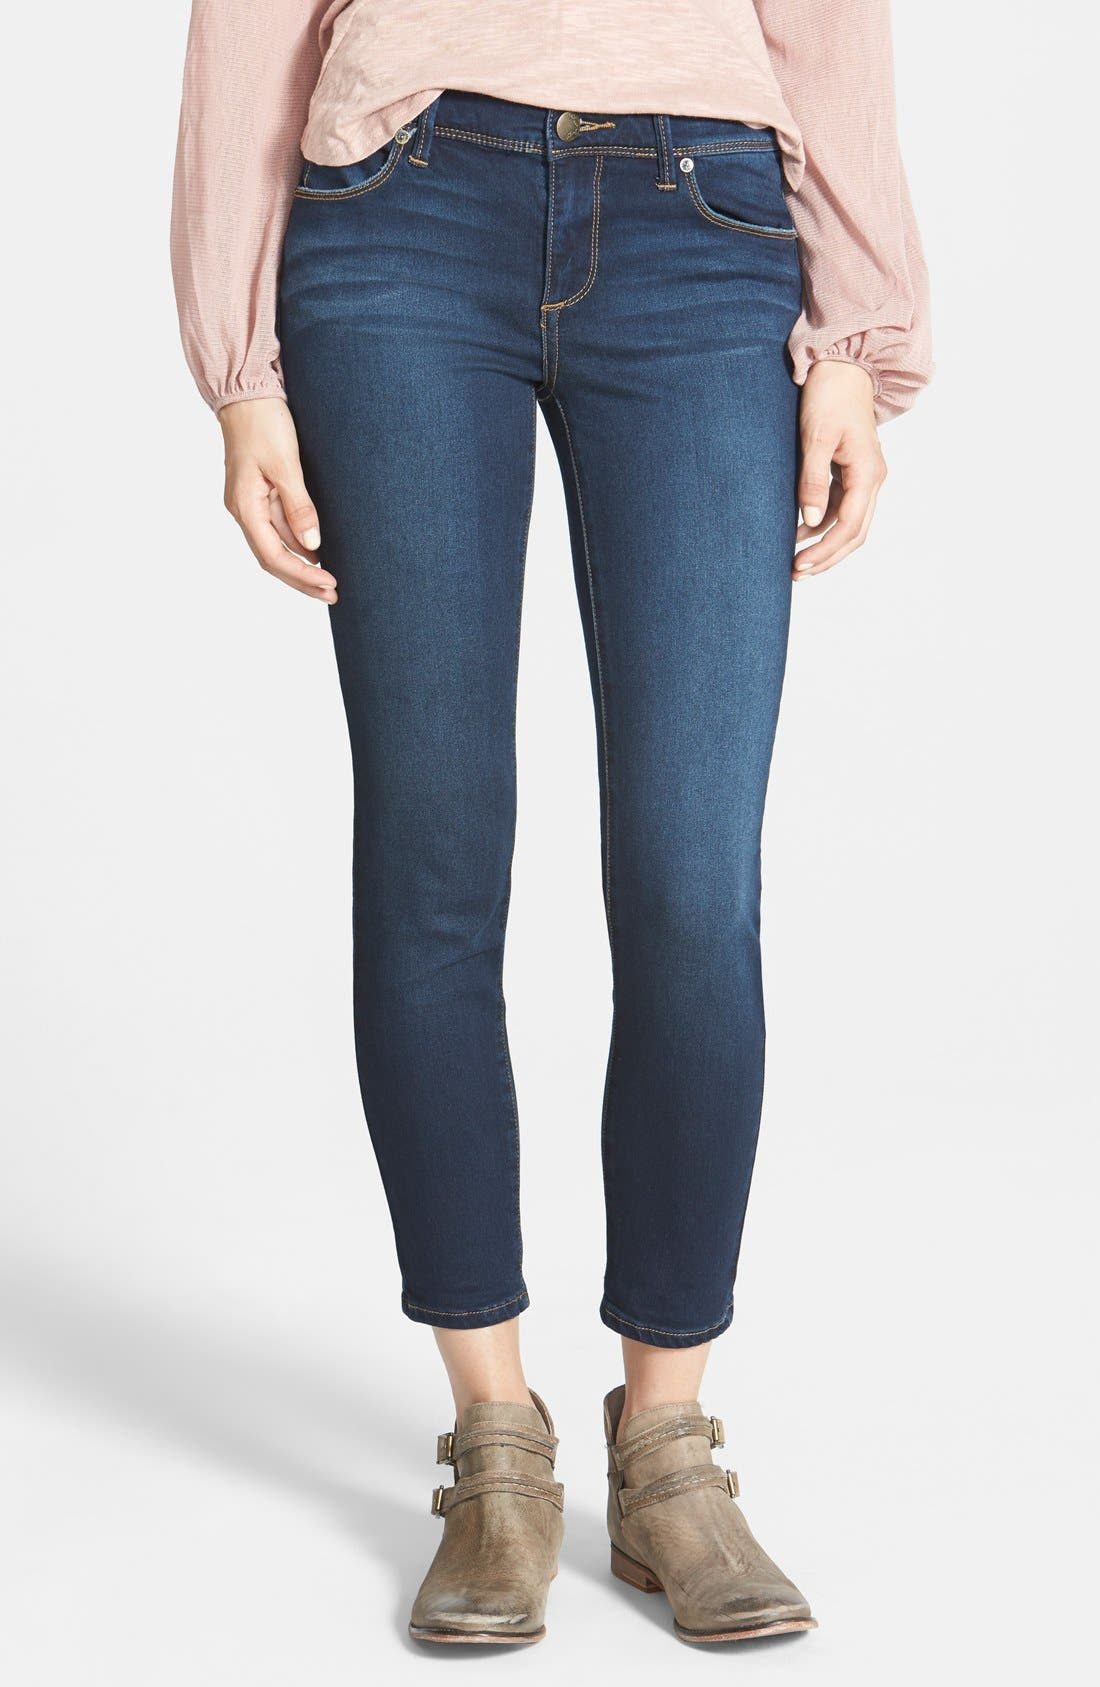 Alternate Image 1 Selected - Free People 'Roller' Crop Skinny Jeans (Ella)